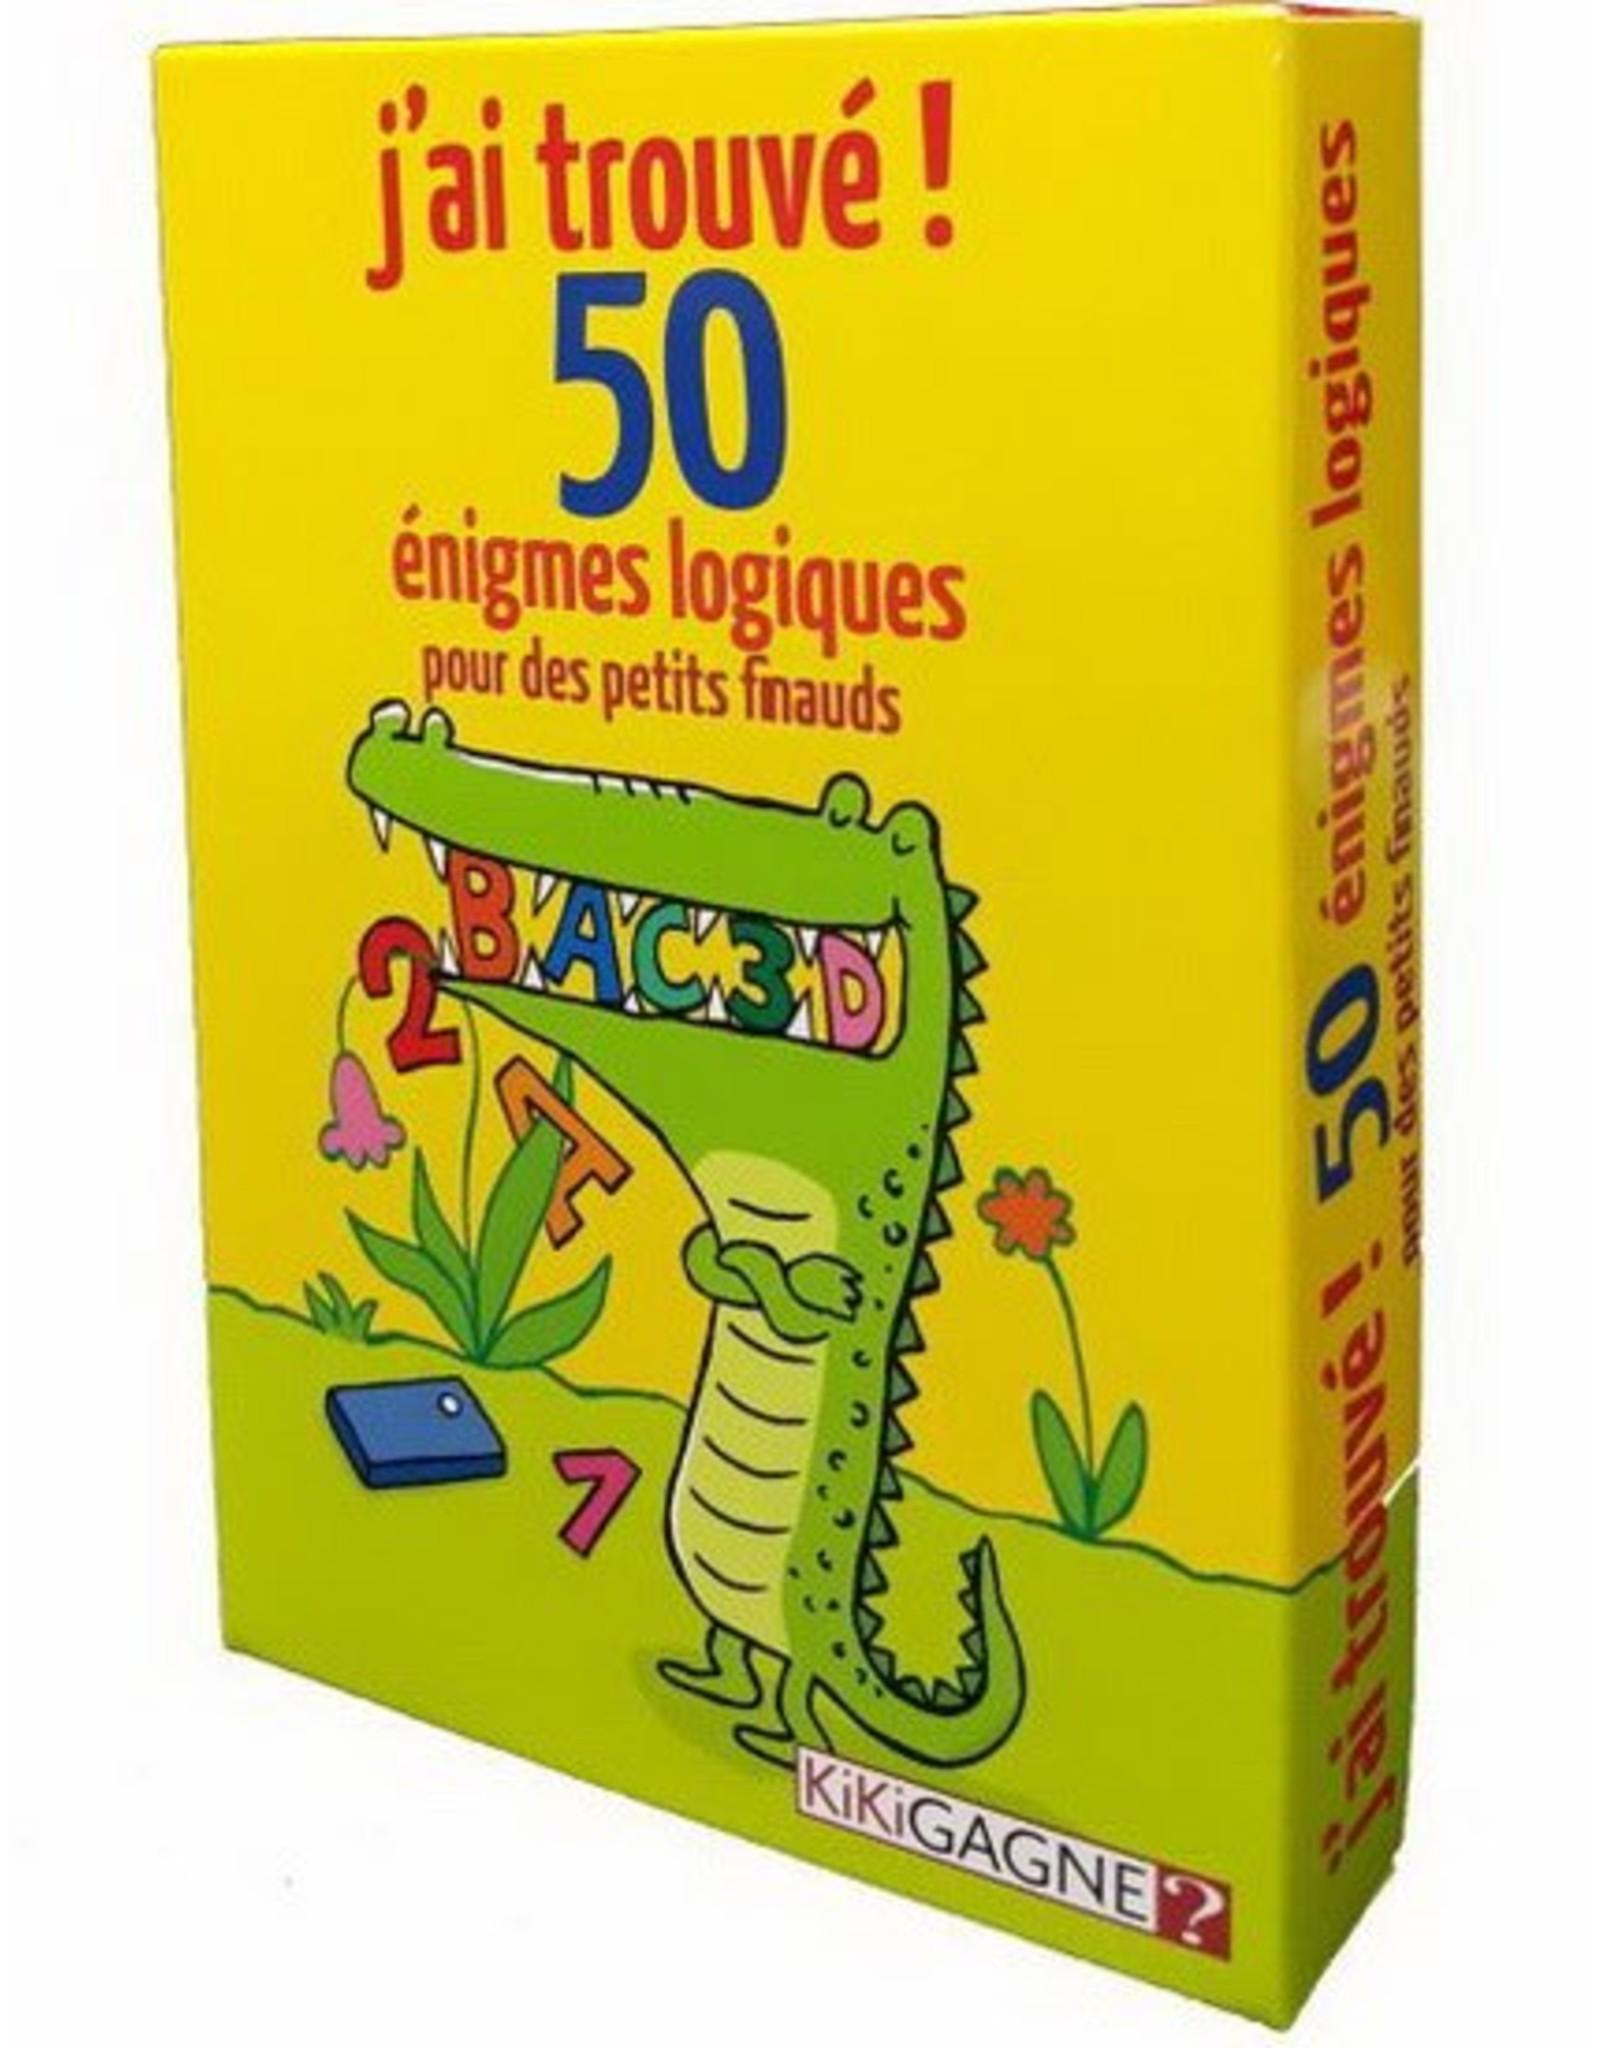 Kikigagne 50 énigmes logiques pour des petits finauds